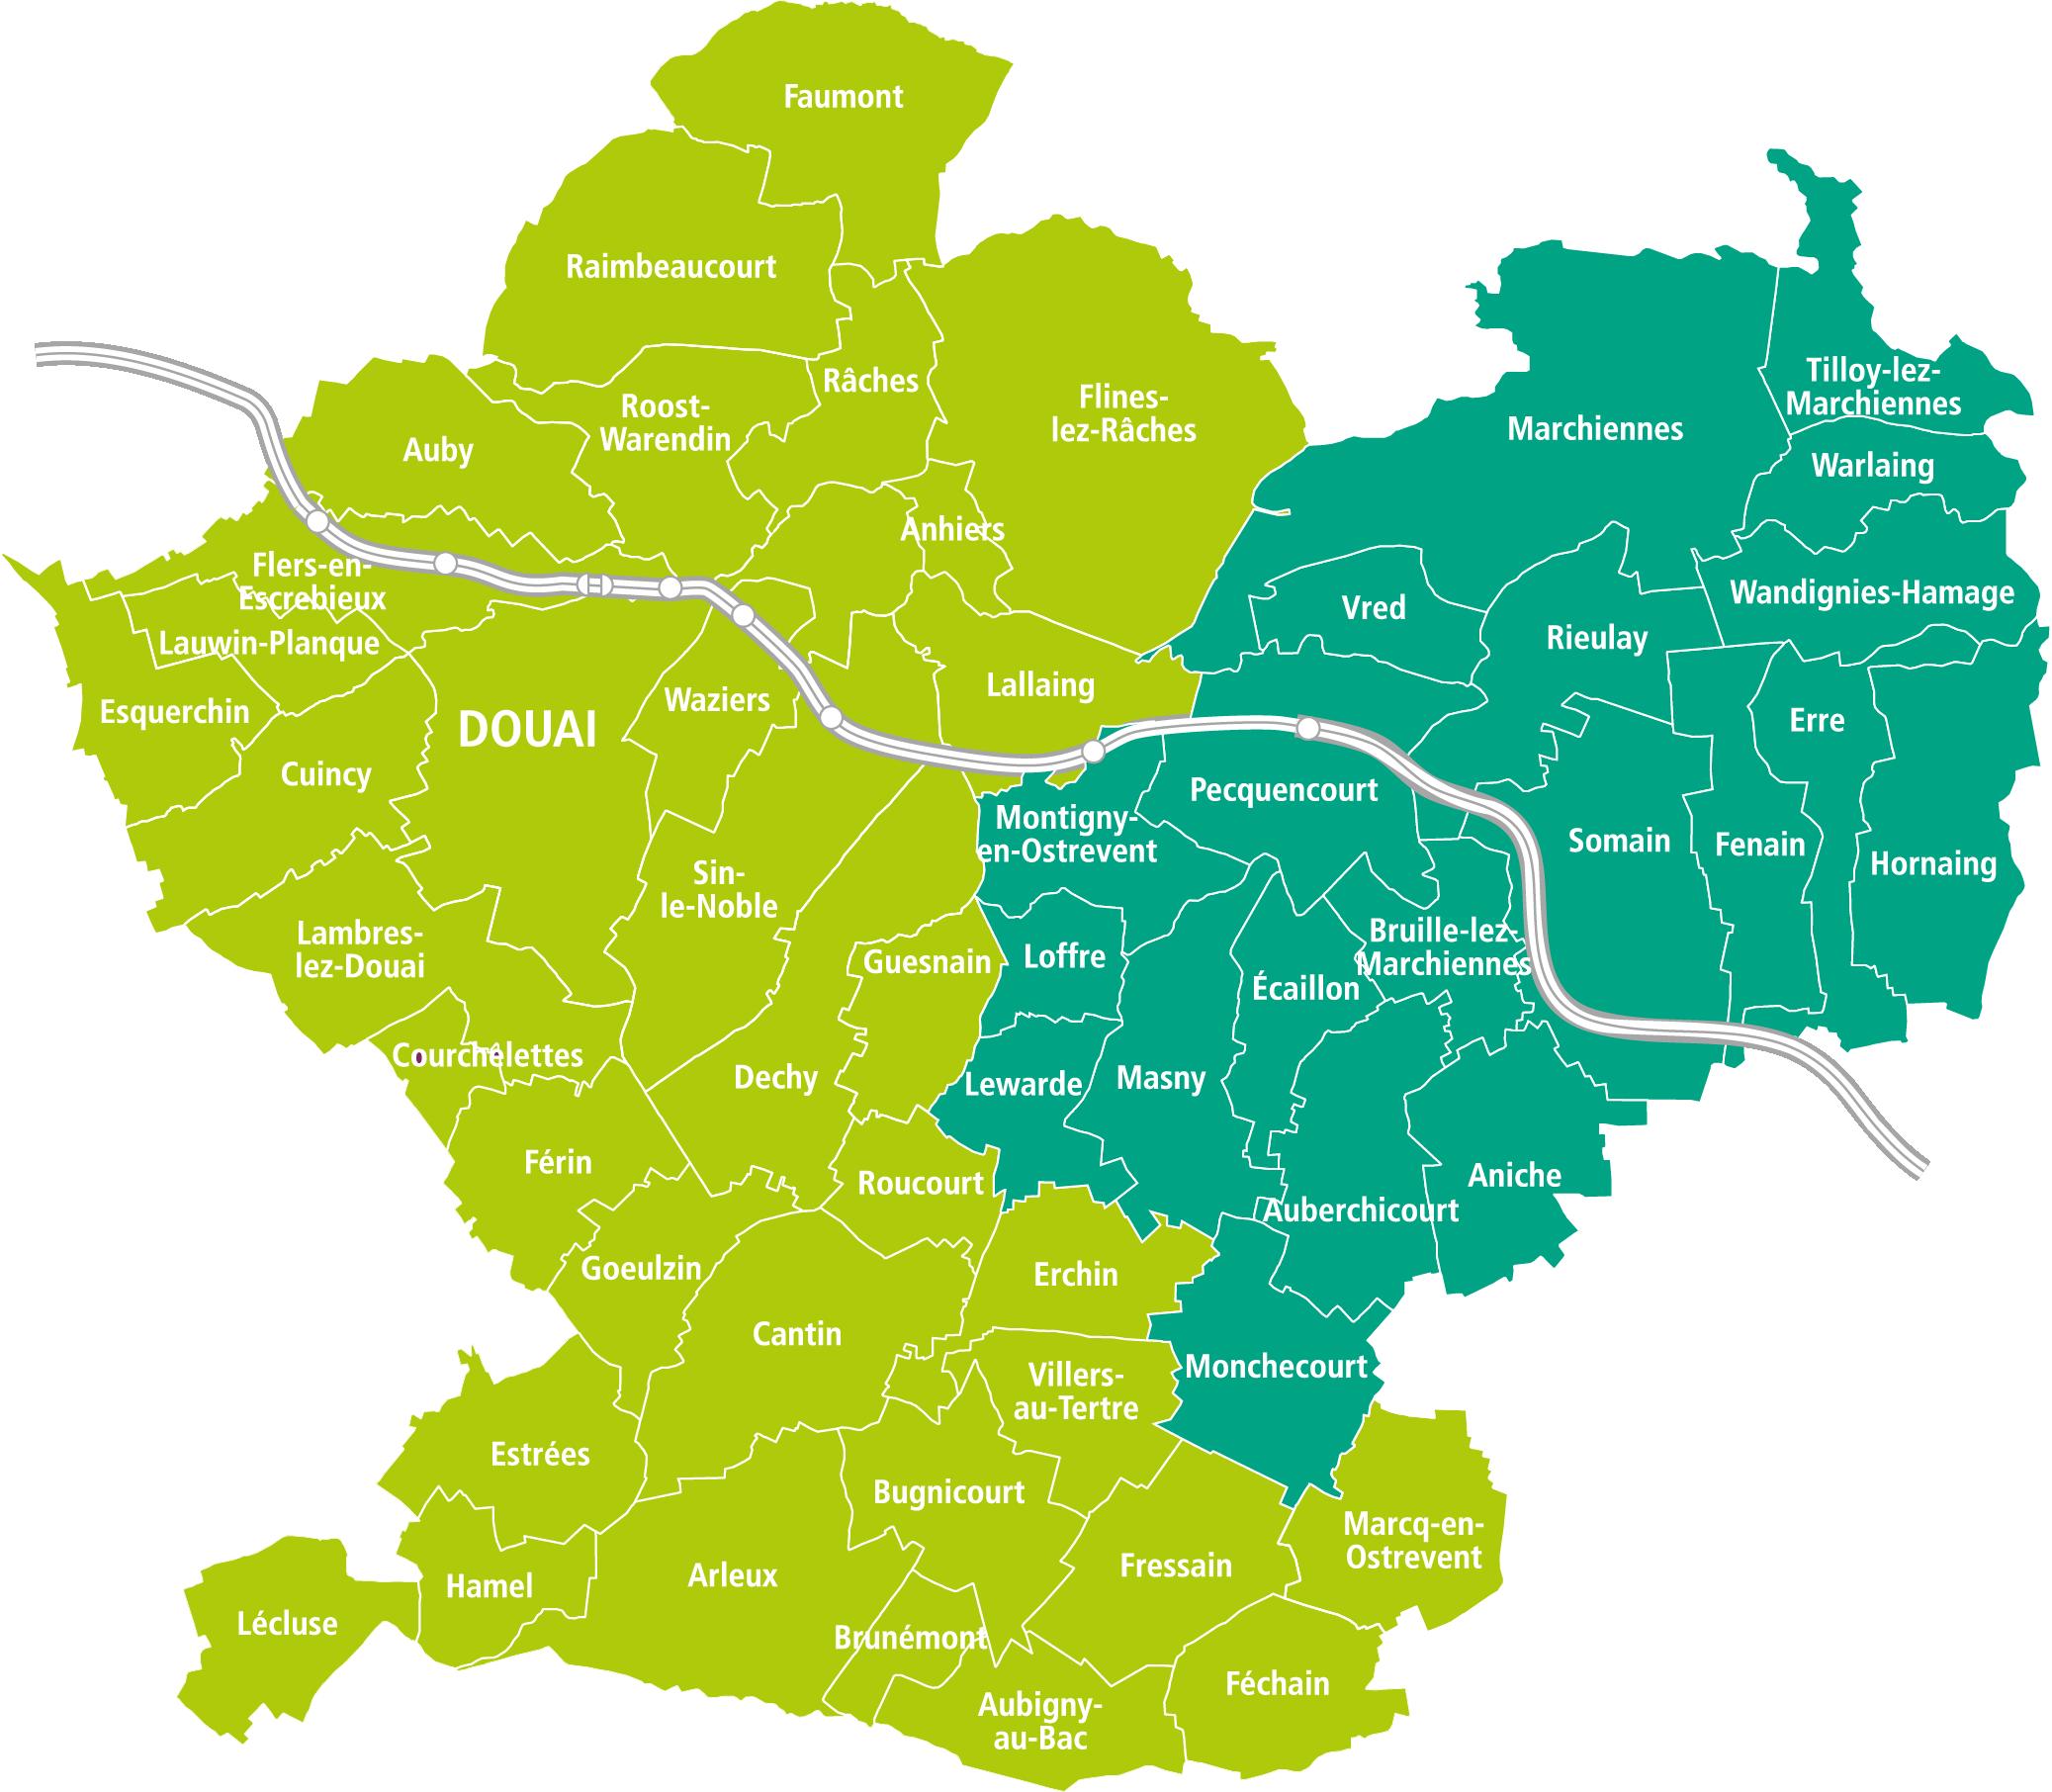 Enquête Publique relative au Schéma de Cohérence Territoriale (SCoT) du Grand Douaisis